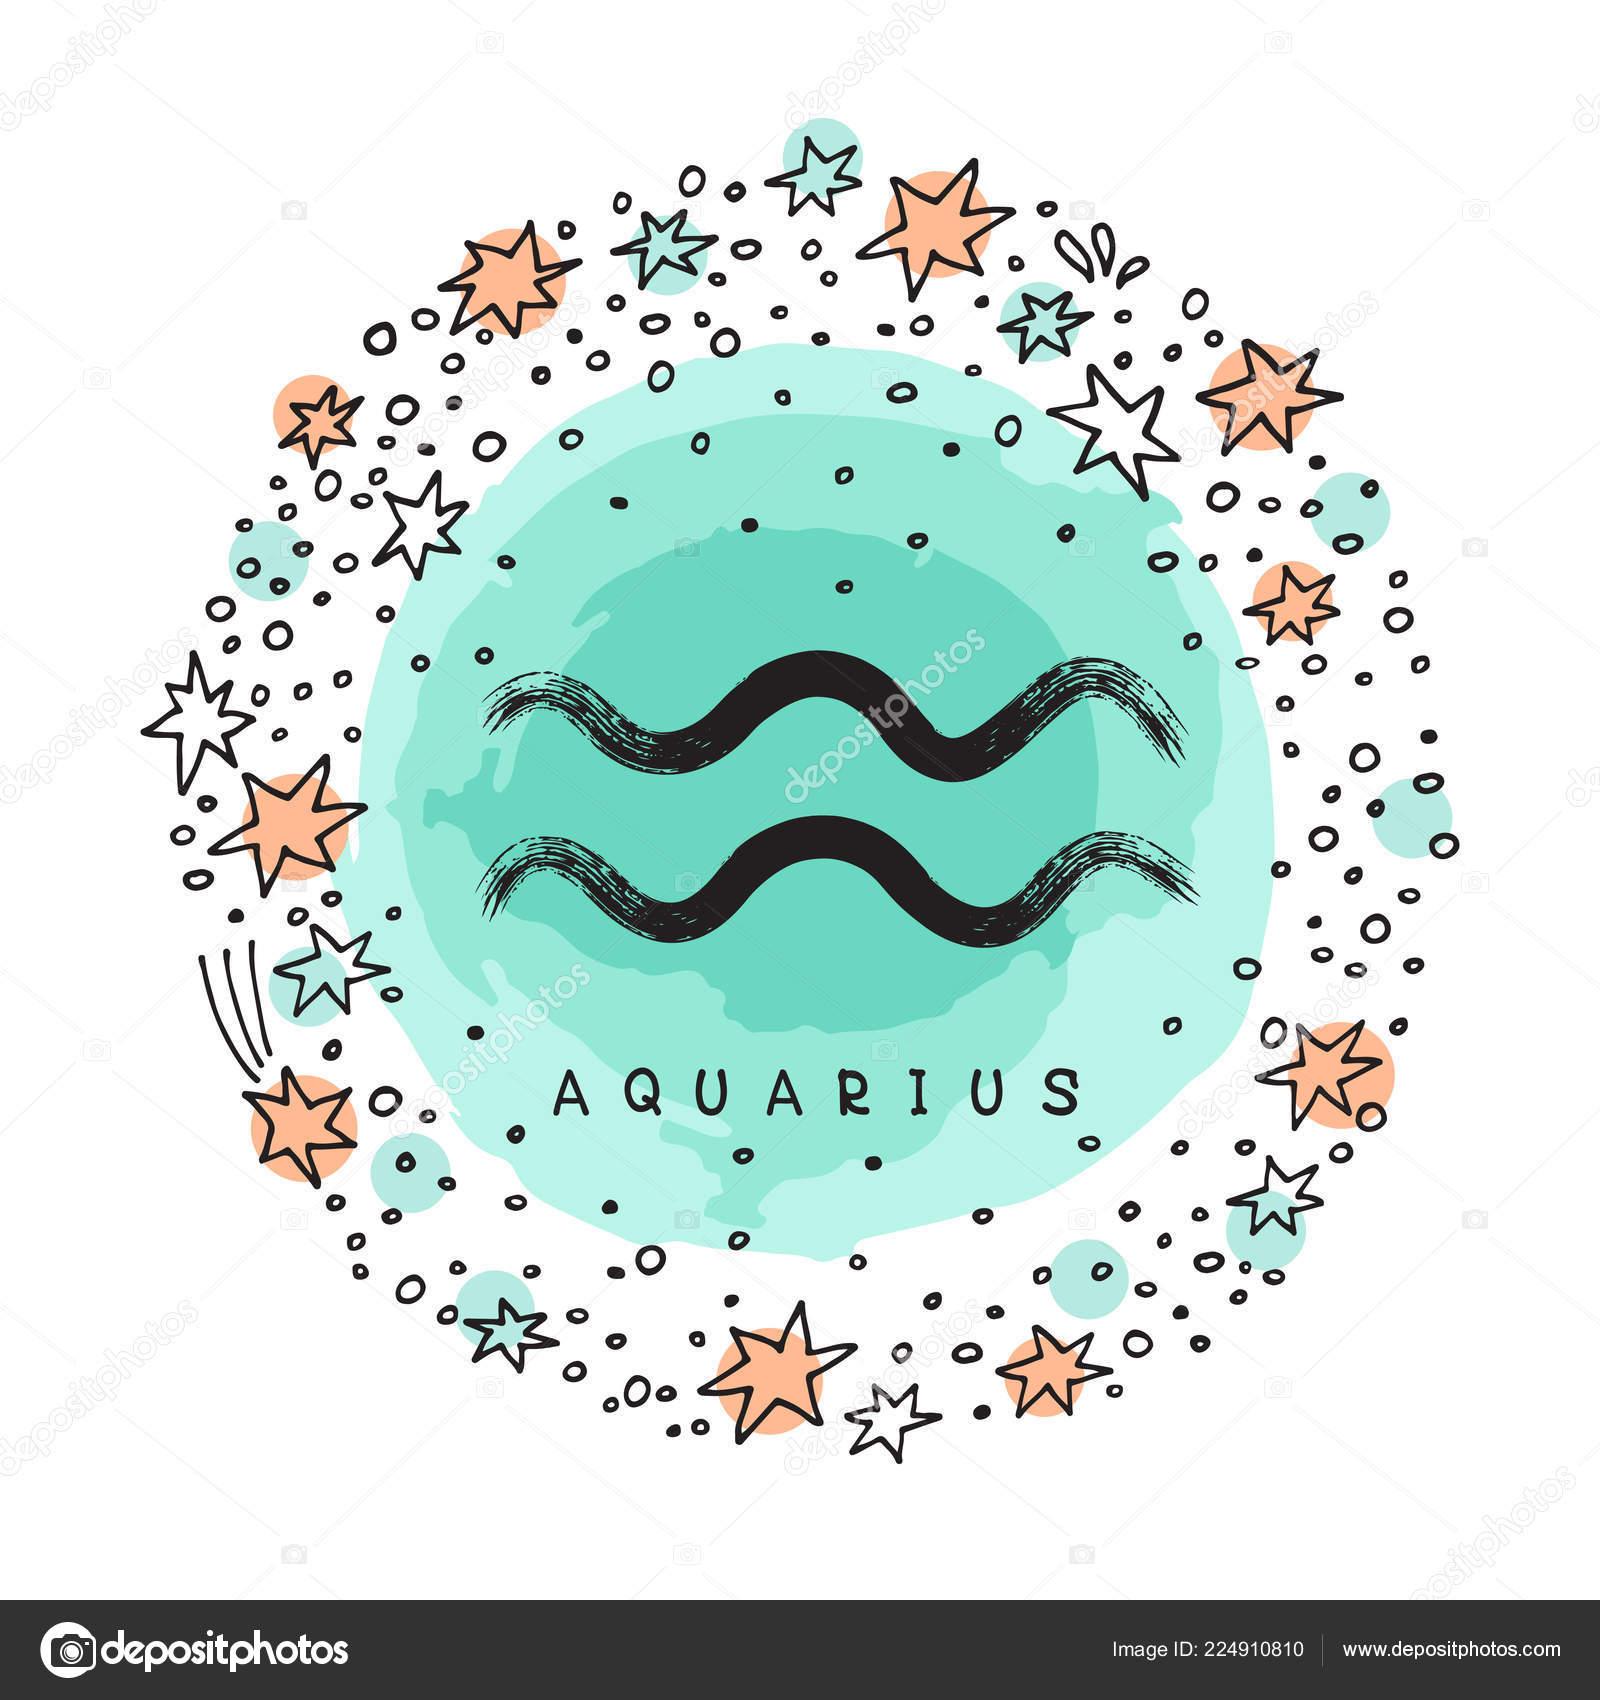 Disegno Acquario Segno Zodiacale.Segno Zodiacale Acquario Con Cornice Grunge Inchiostro